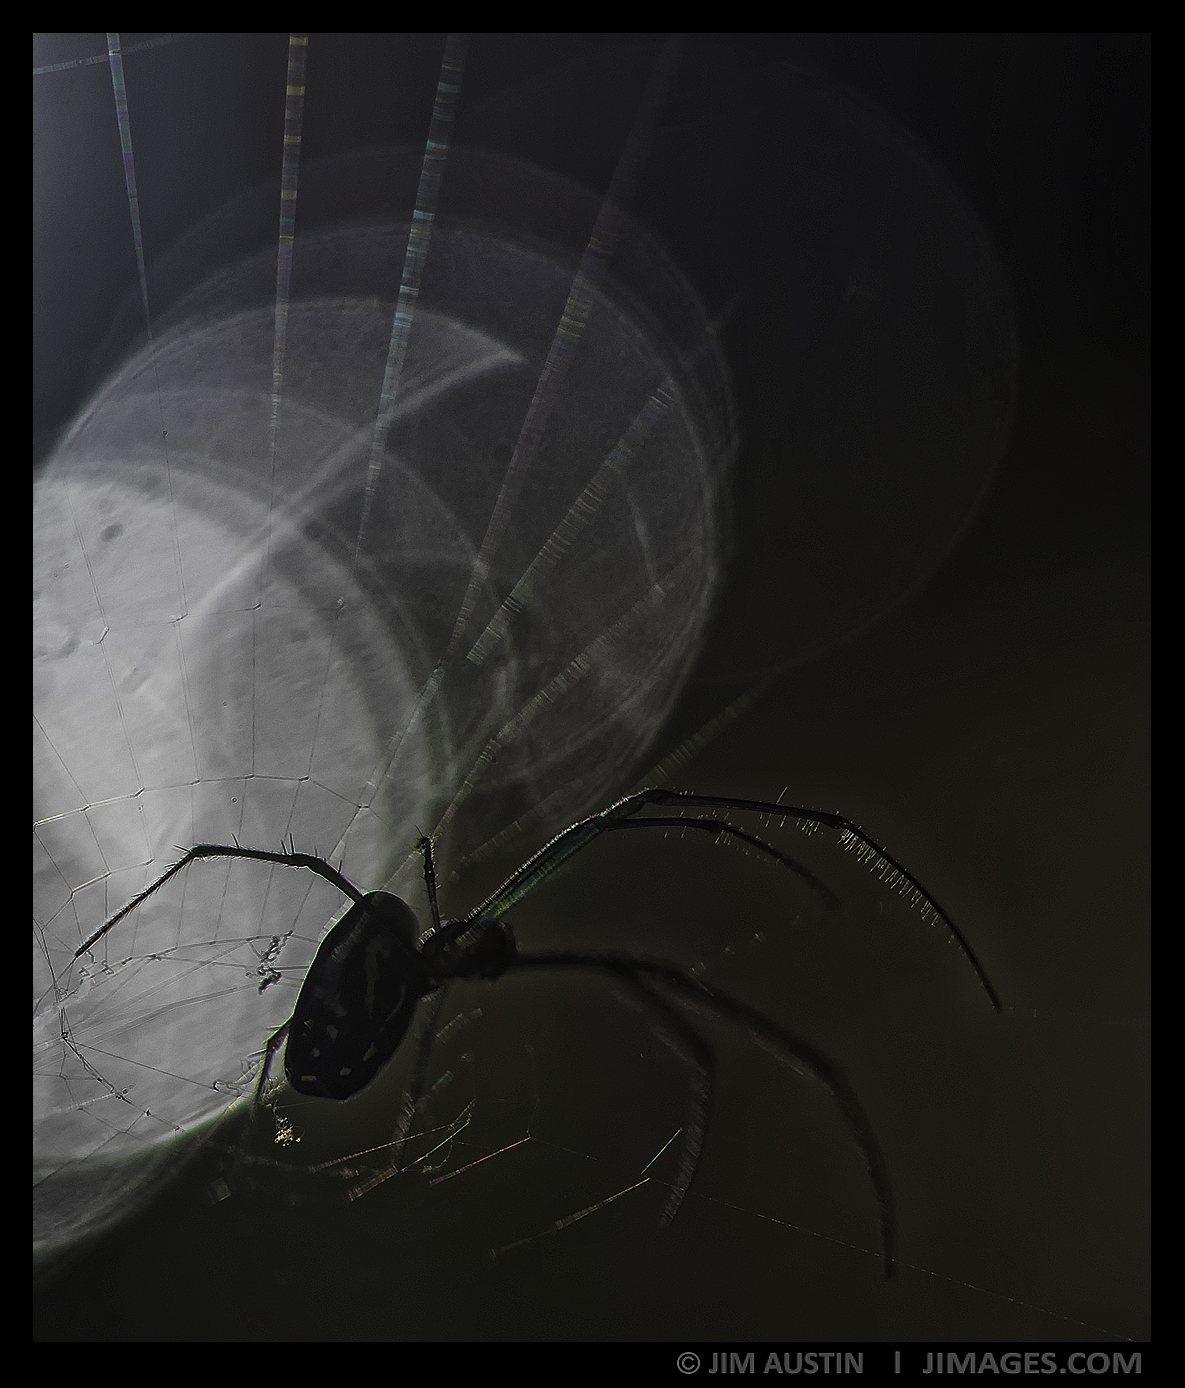 art-of-macro-spider-bokeh-jim-austin-jimagesdotcom